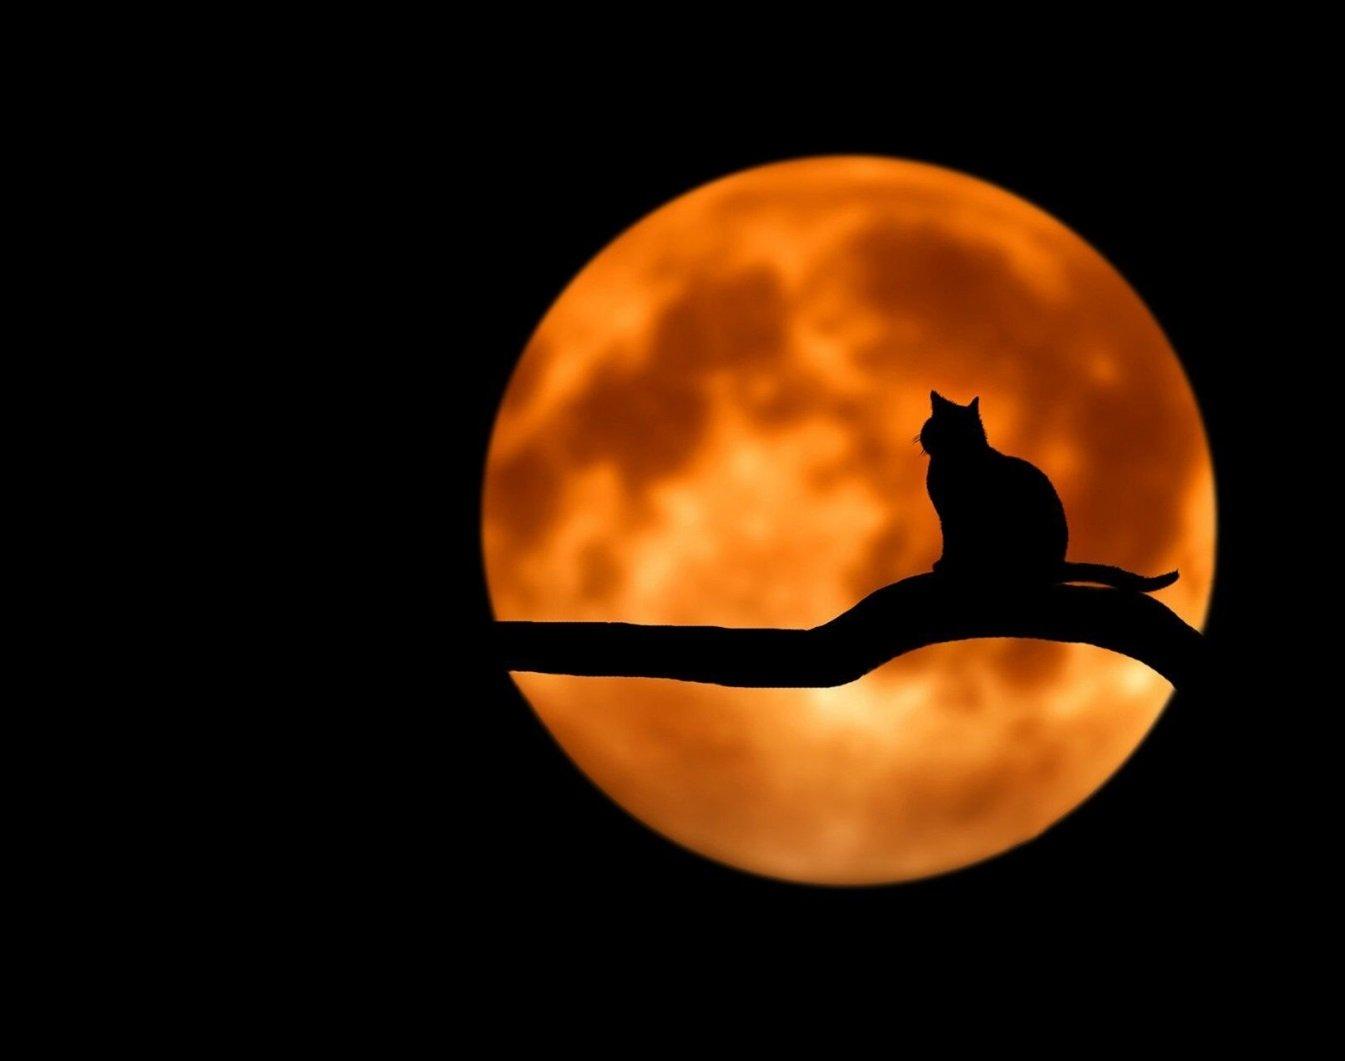 Золотая Луна 2021: украинцам рассказали, когда произойдет роковое июльское полнолуние